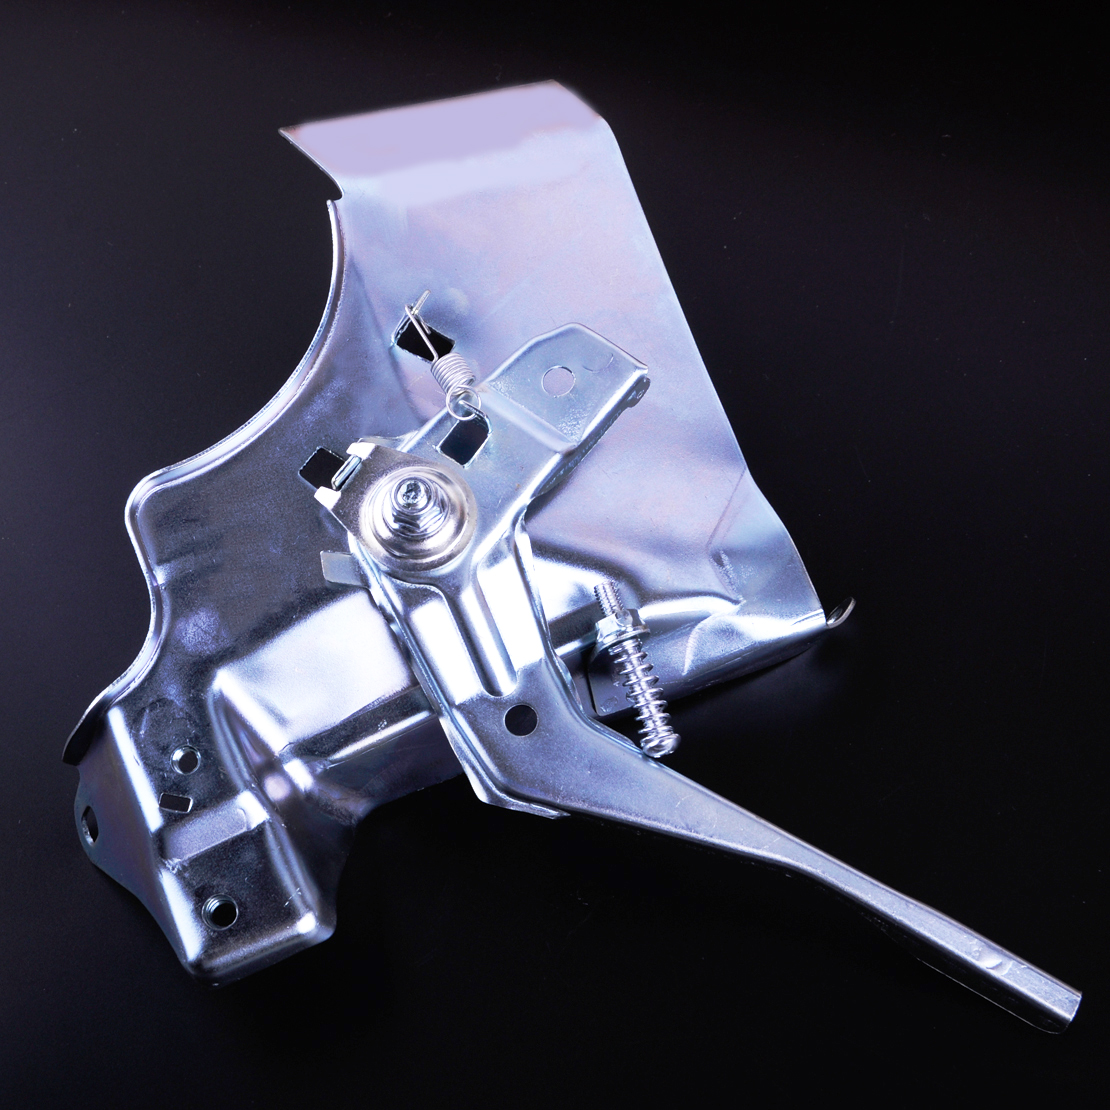 Gashebel Gasbetätigung für Honda GX340 GX390 11HP 13HP 16570-ZE3-W20 Rasenmäher